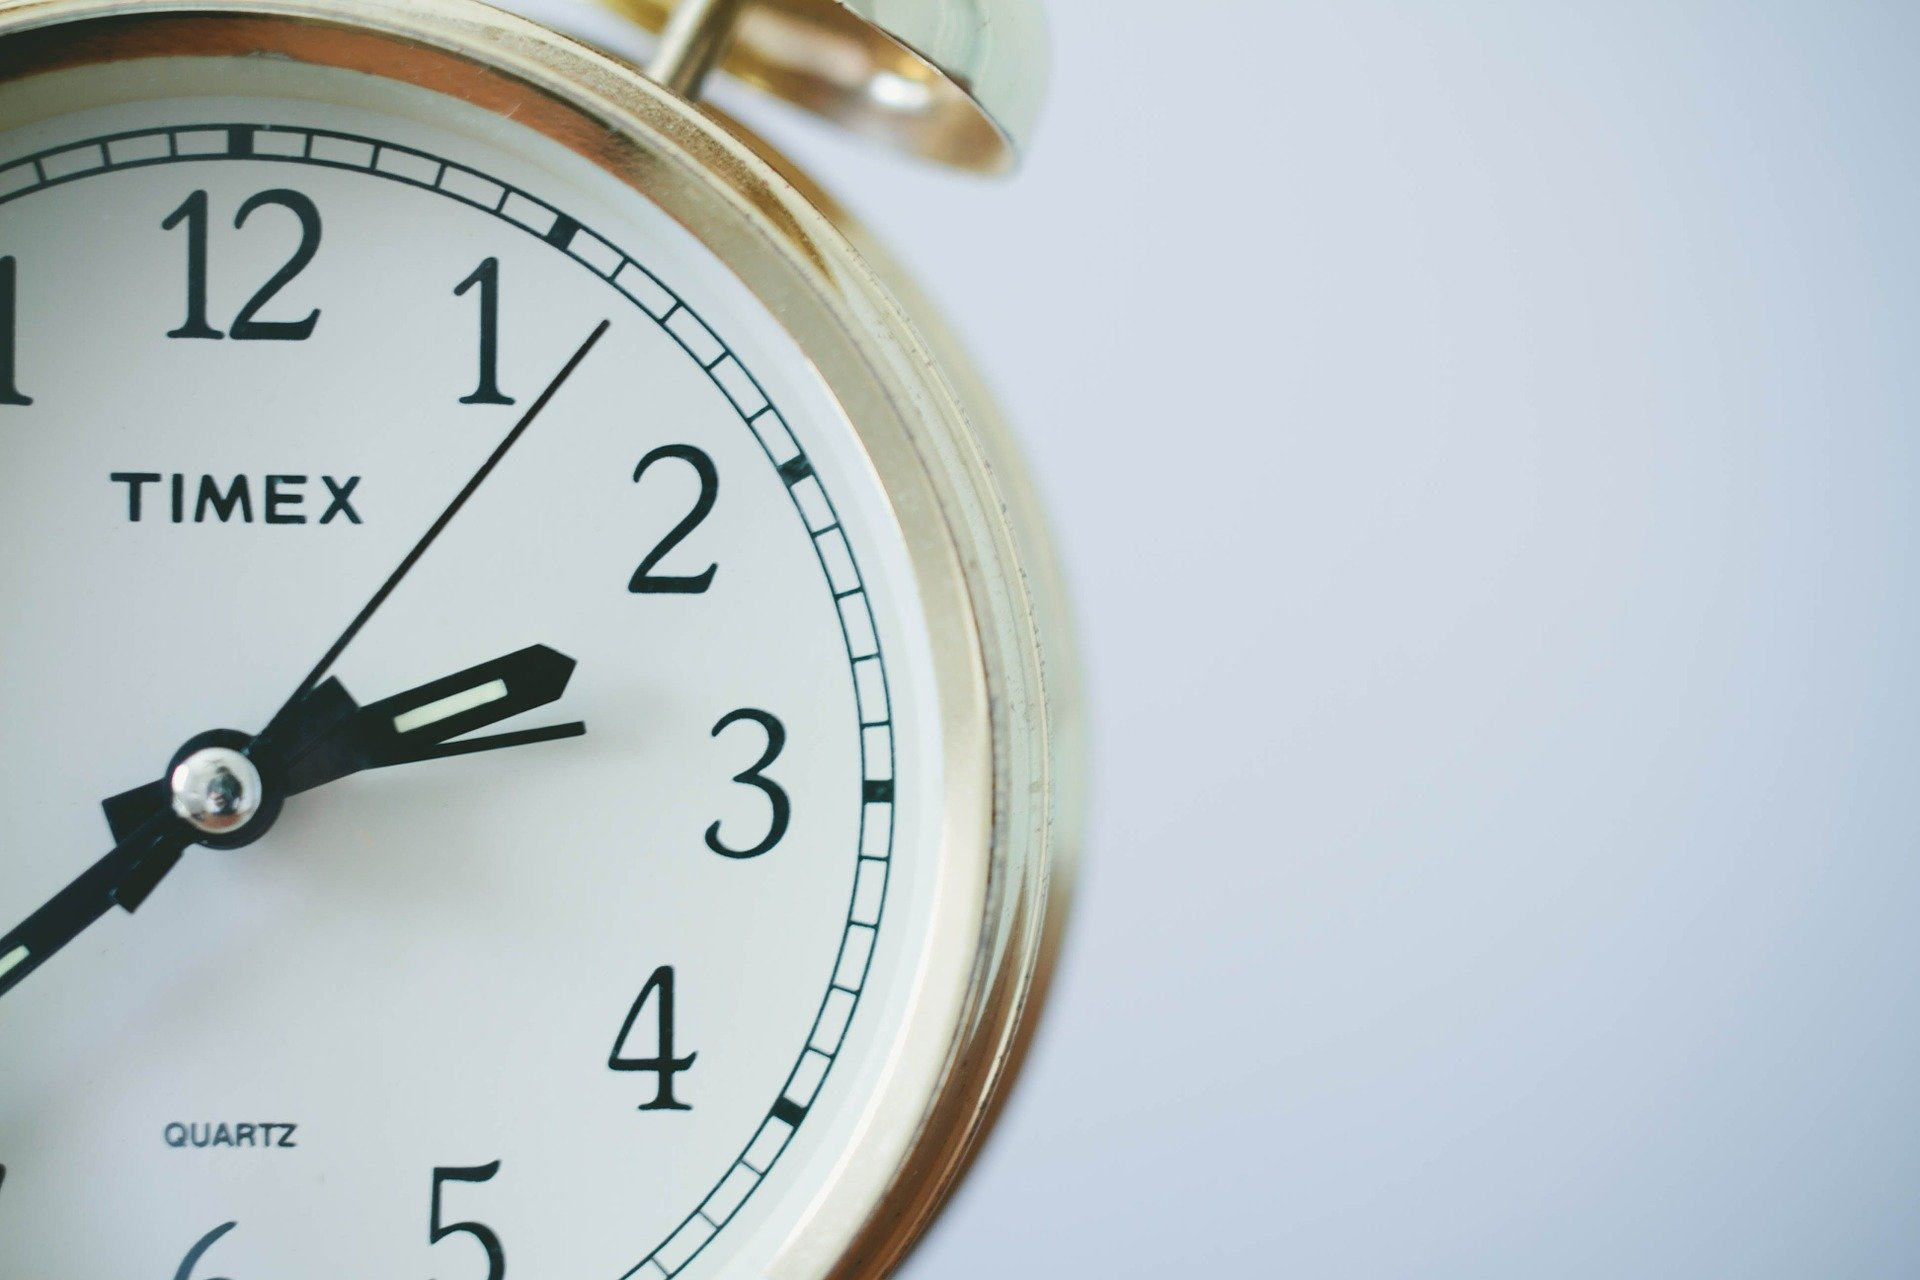 Los contratos parciales se presumirán a tiempo completo si la empresa no aporta el registro de horas de un trabajador